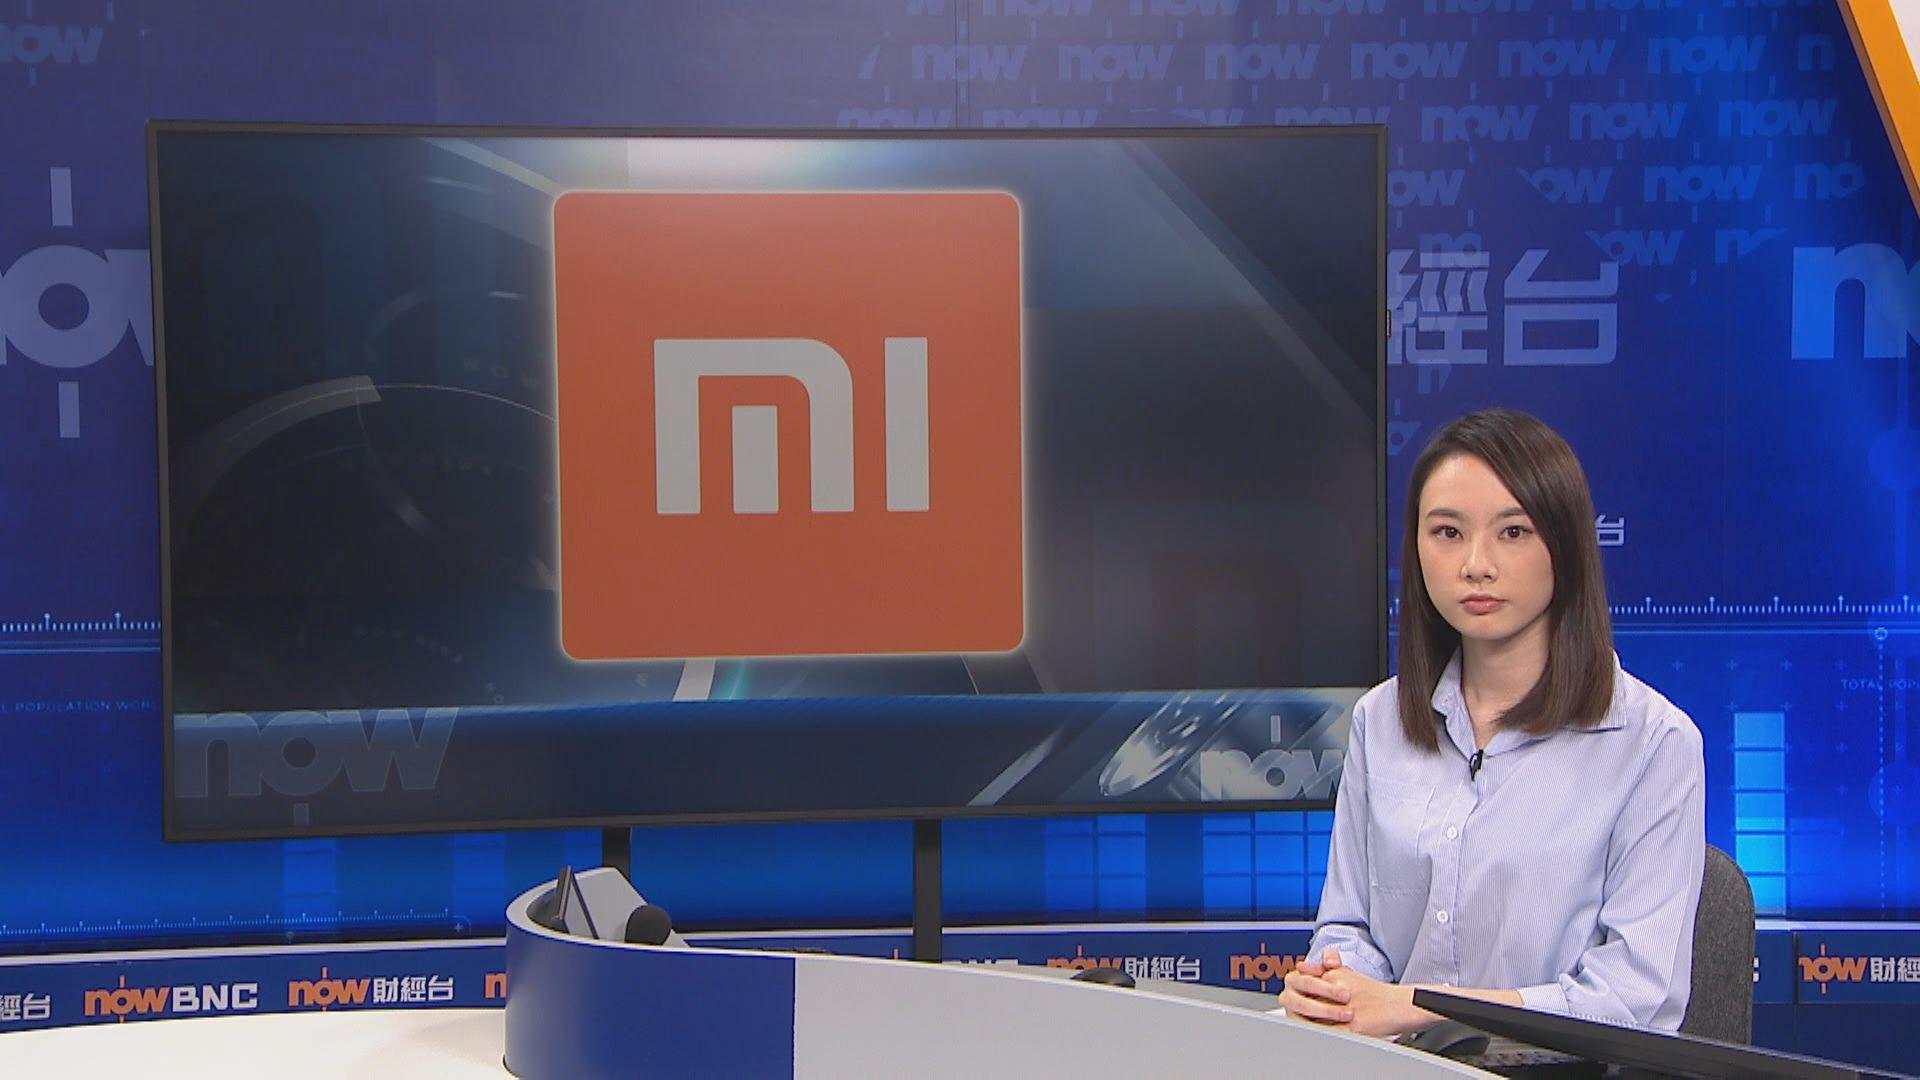 彭博:小米聯合創始人出售持股